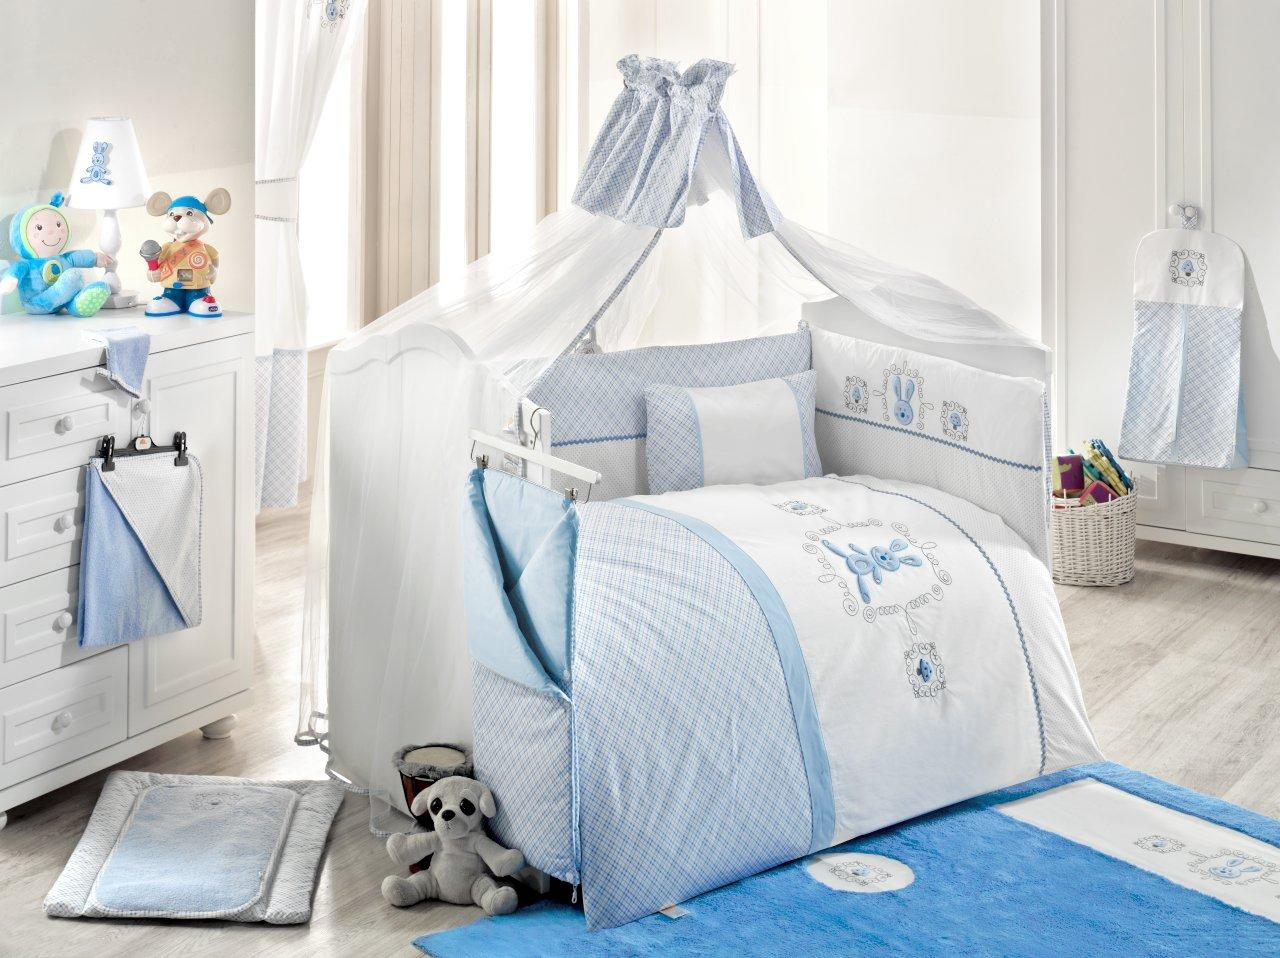 Балдахин серии Rabitto, 150 х 450 см, голубойДетское постельное белье<br>Балдахин серии Rabitto, 150 х 450 см, голубой<br>